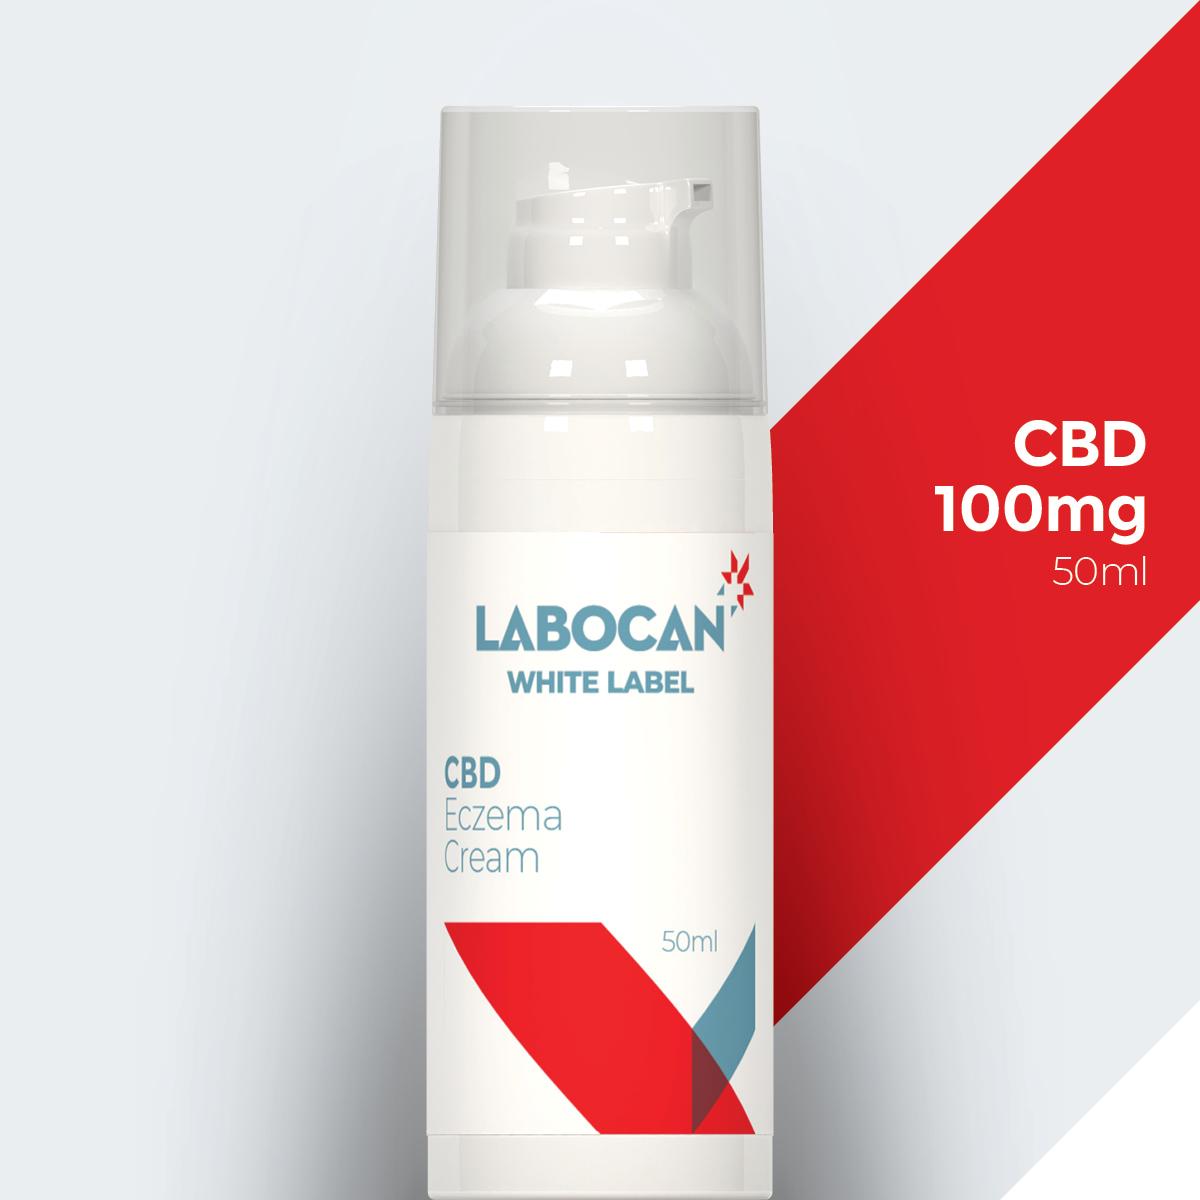 Crema de eczema con CBD de marca blanca